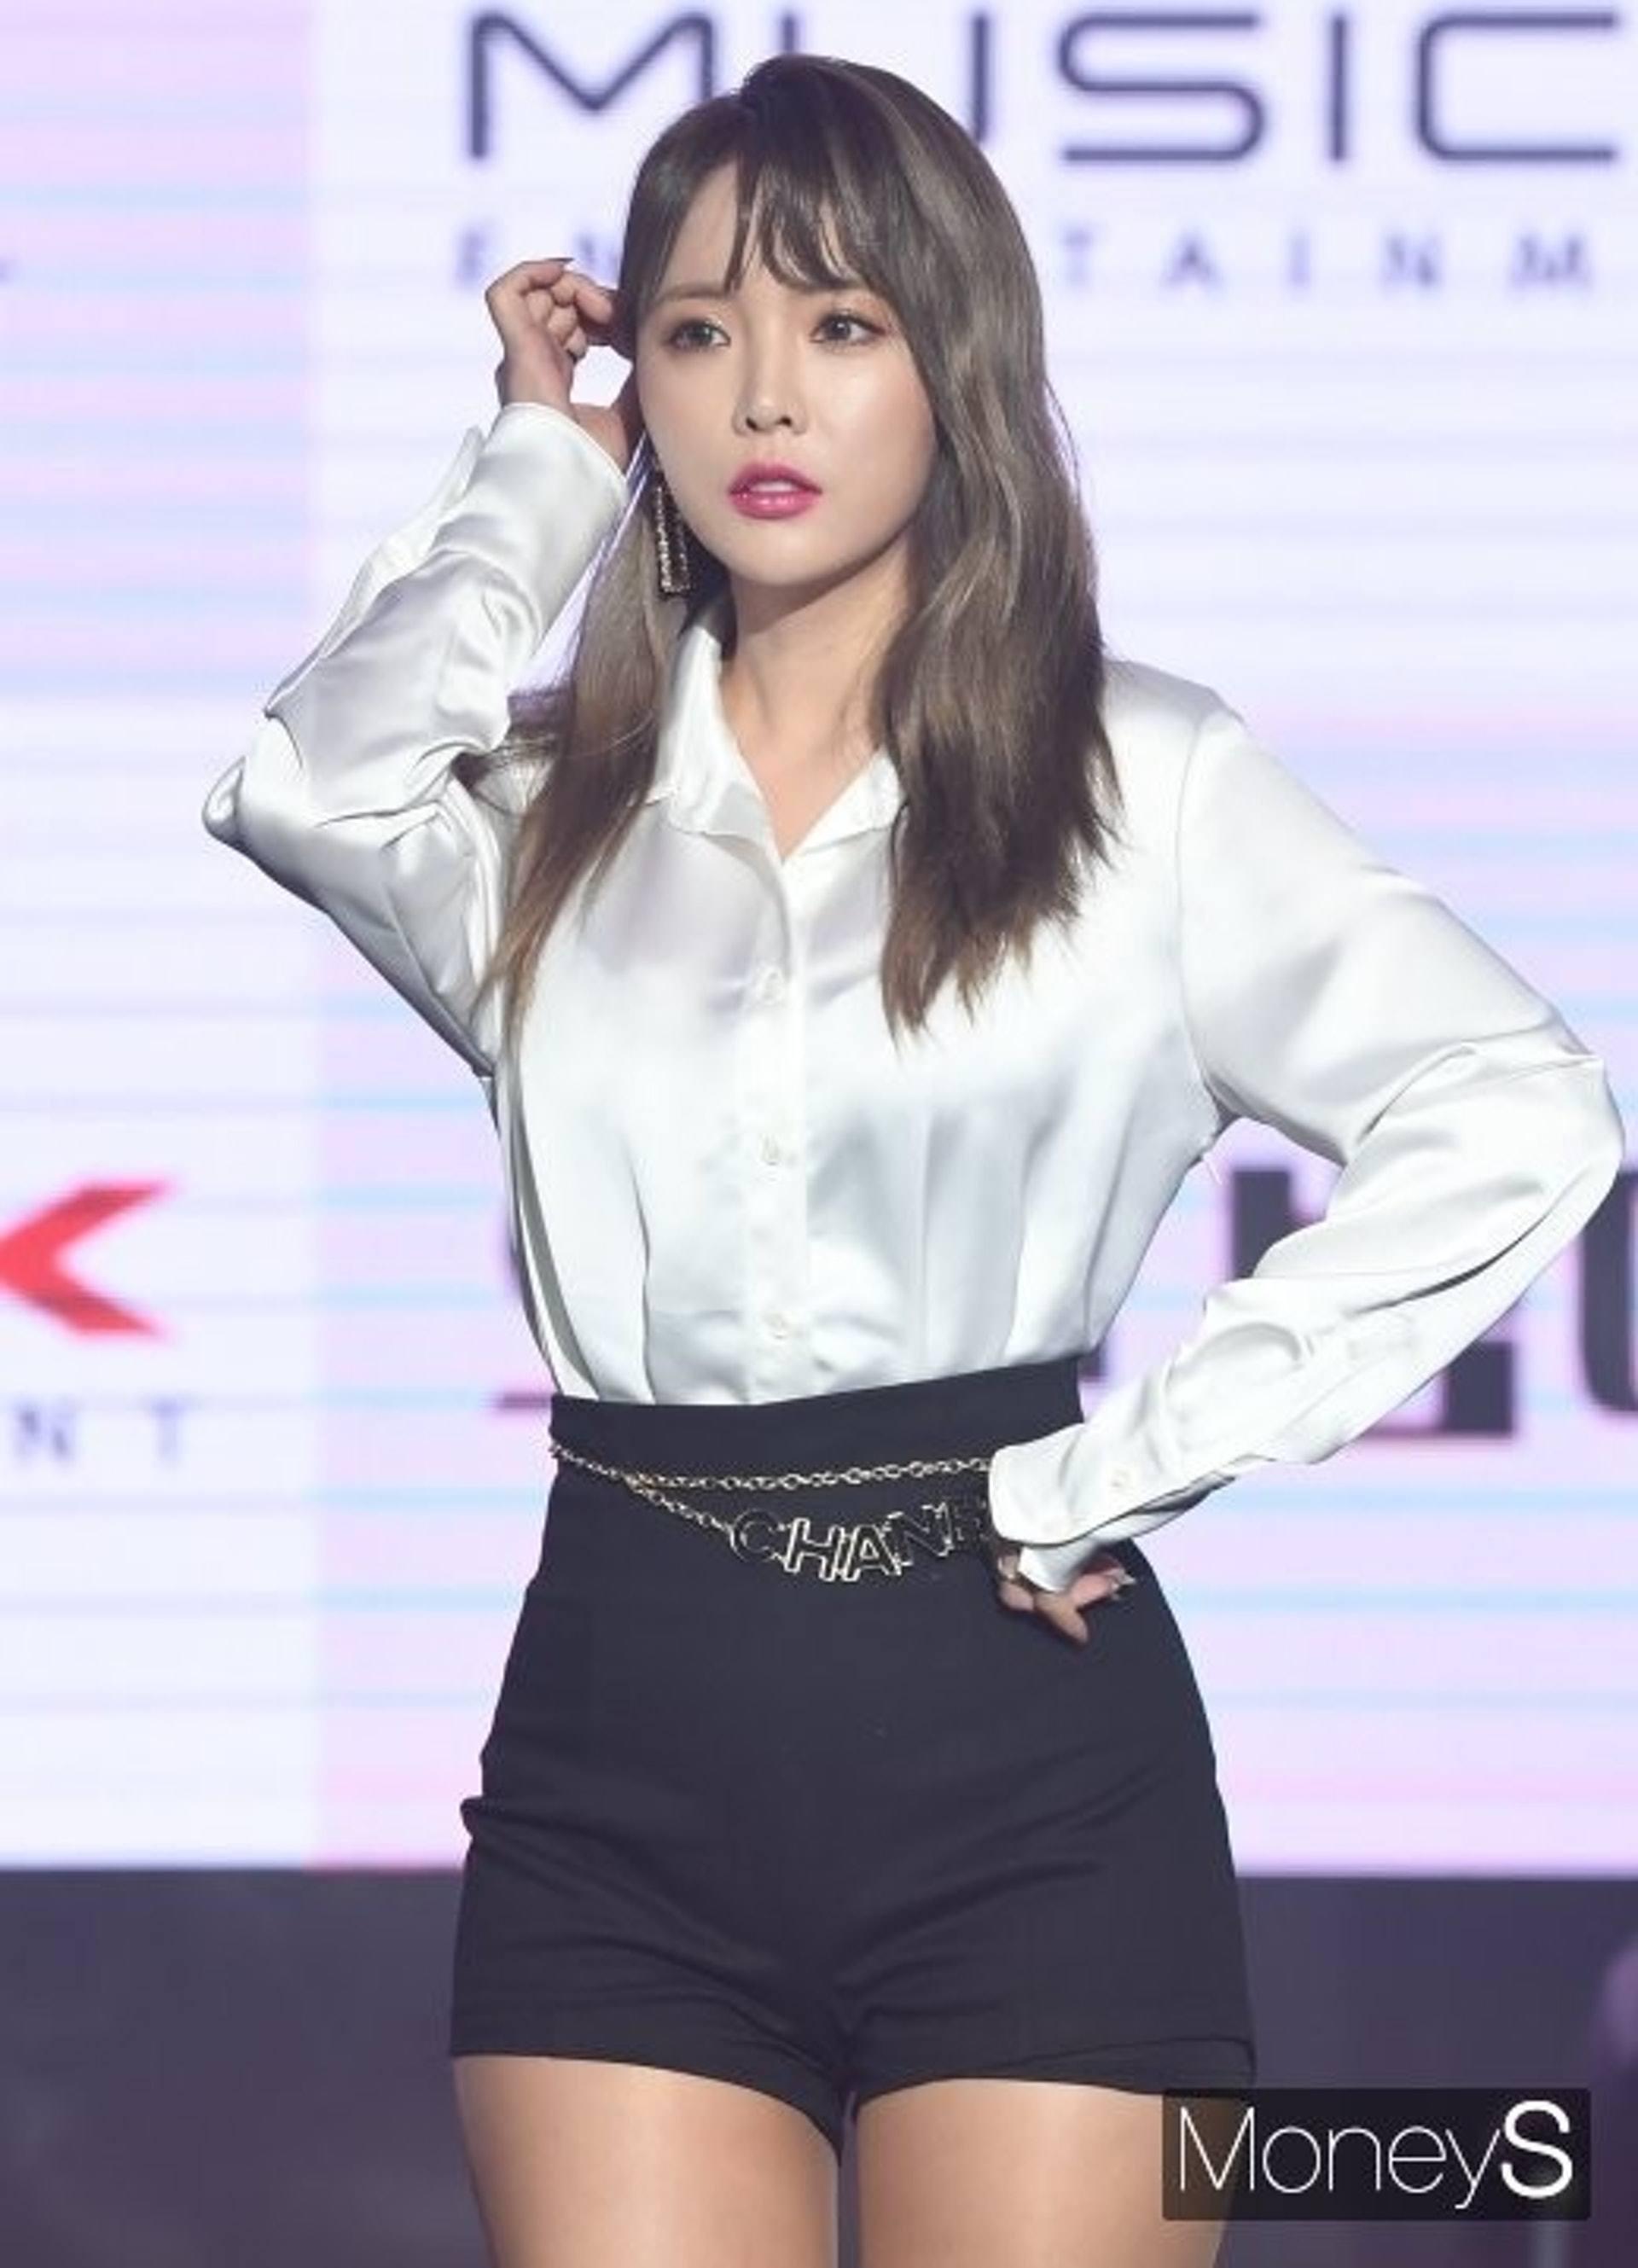 韩国女星洪真英论文被母校判定为抄袭,网友:应严查明星们的学位、论文问题插图3